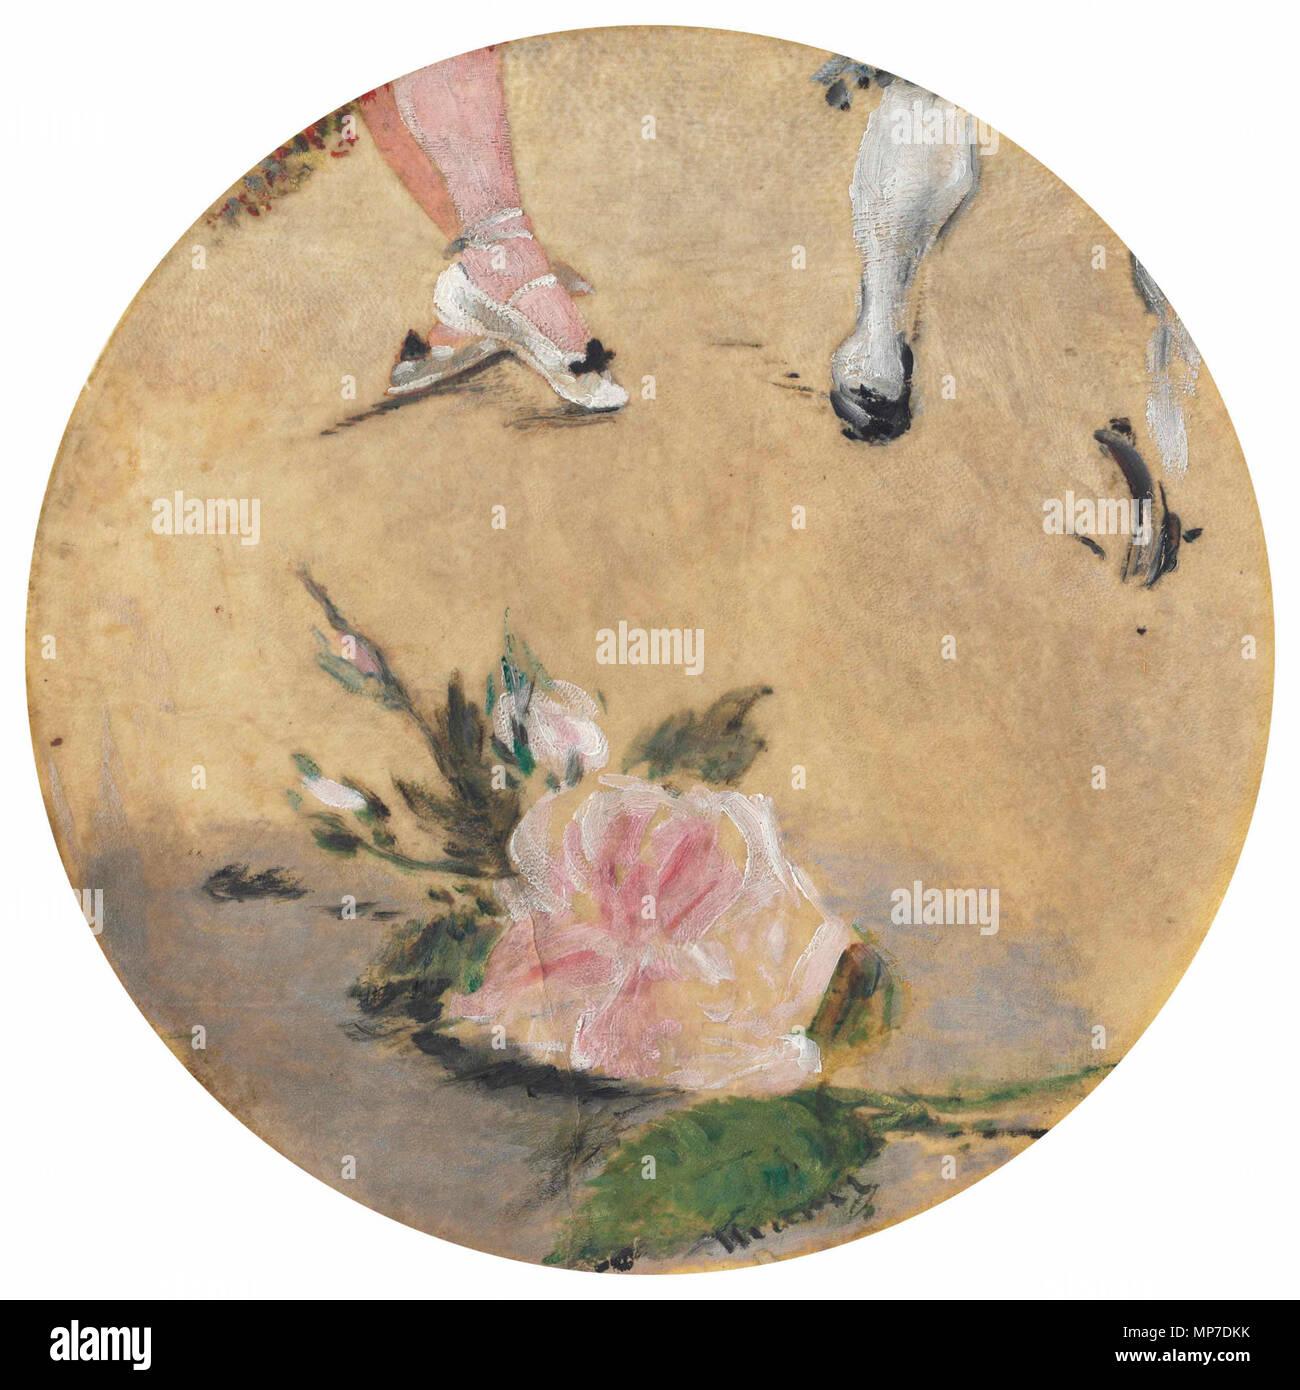 1288 Édouard Manet - Chaussons de danse (1879, RW 324) - Stock Image